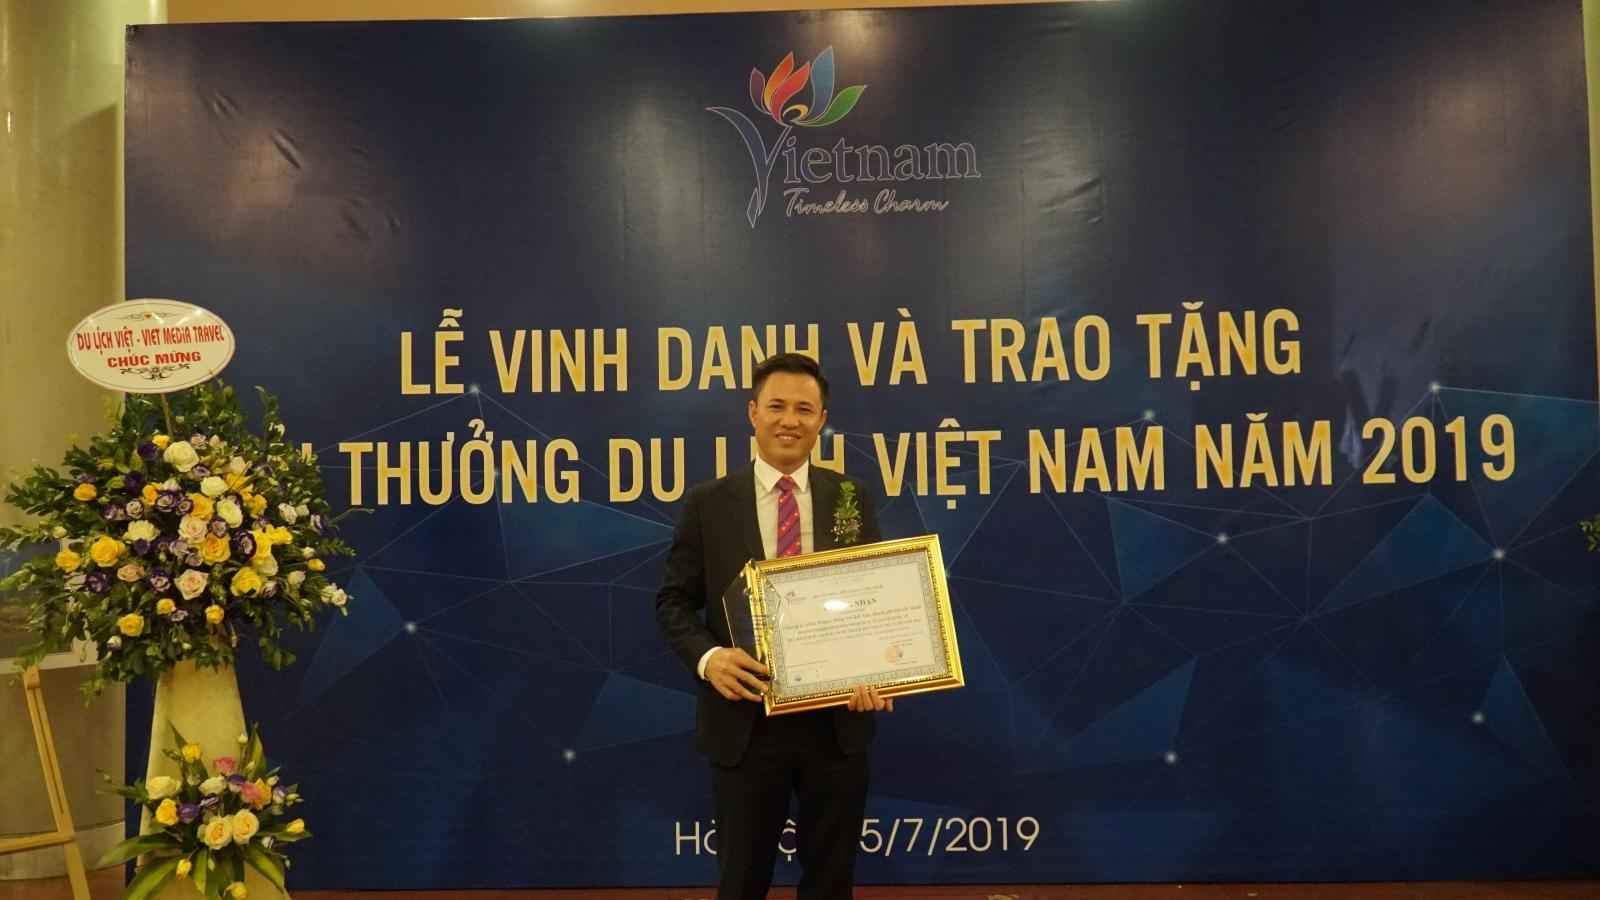 Dấu ấn Du Lịch Việt 2019 - Hành trình từ trái tim